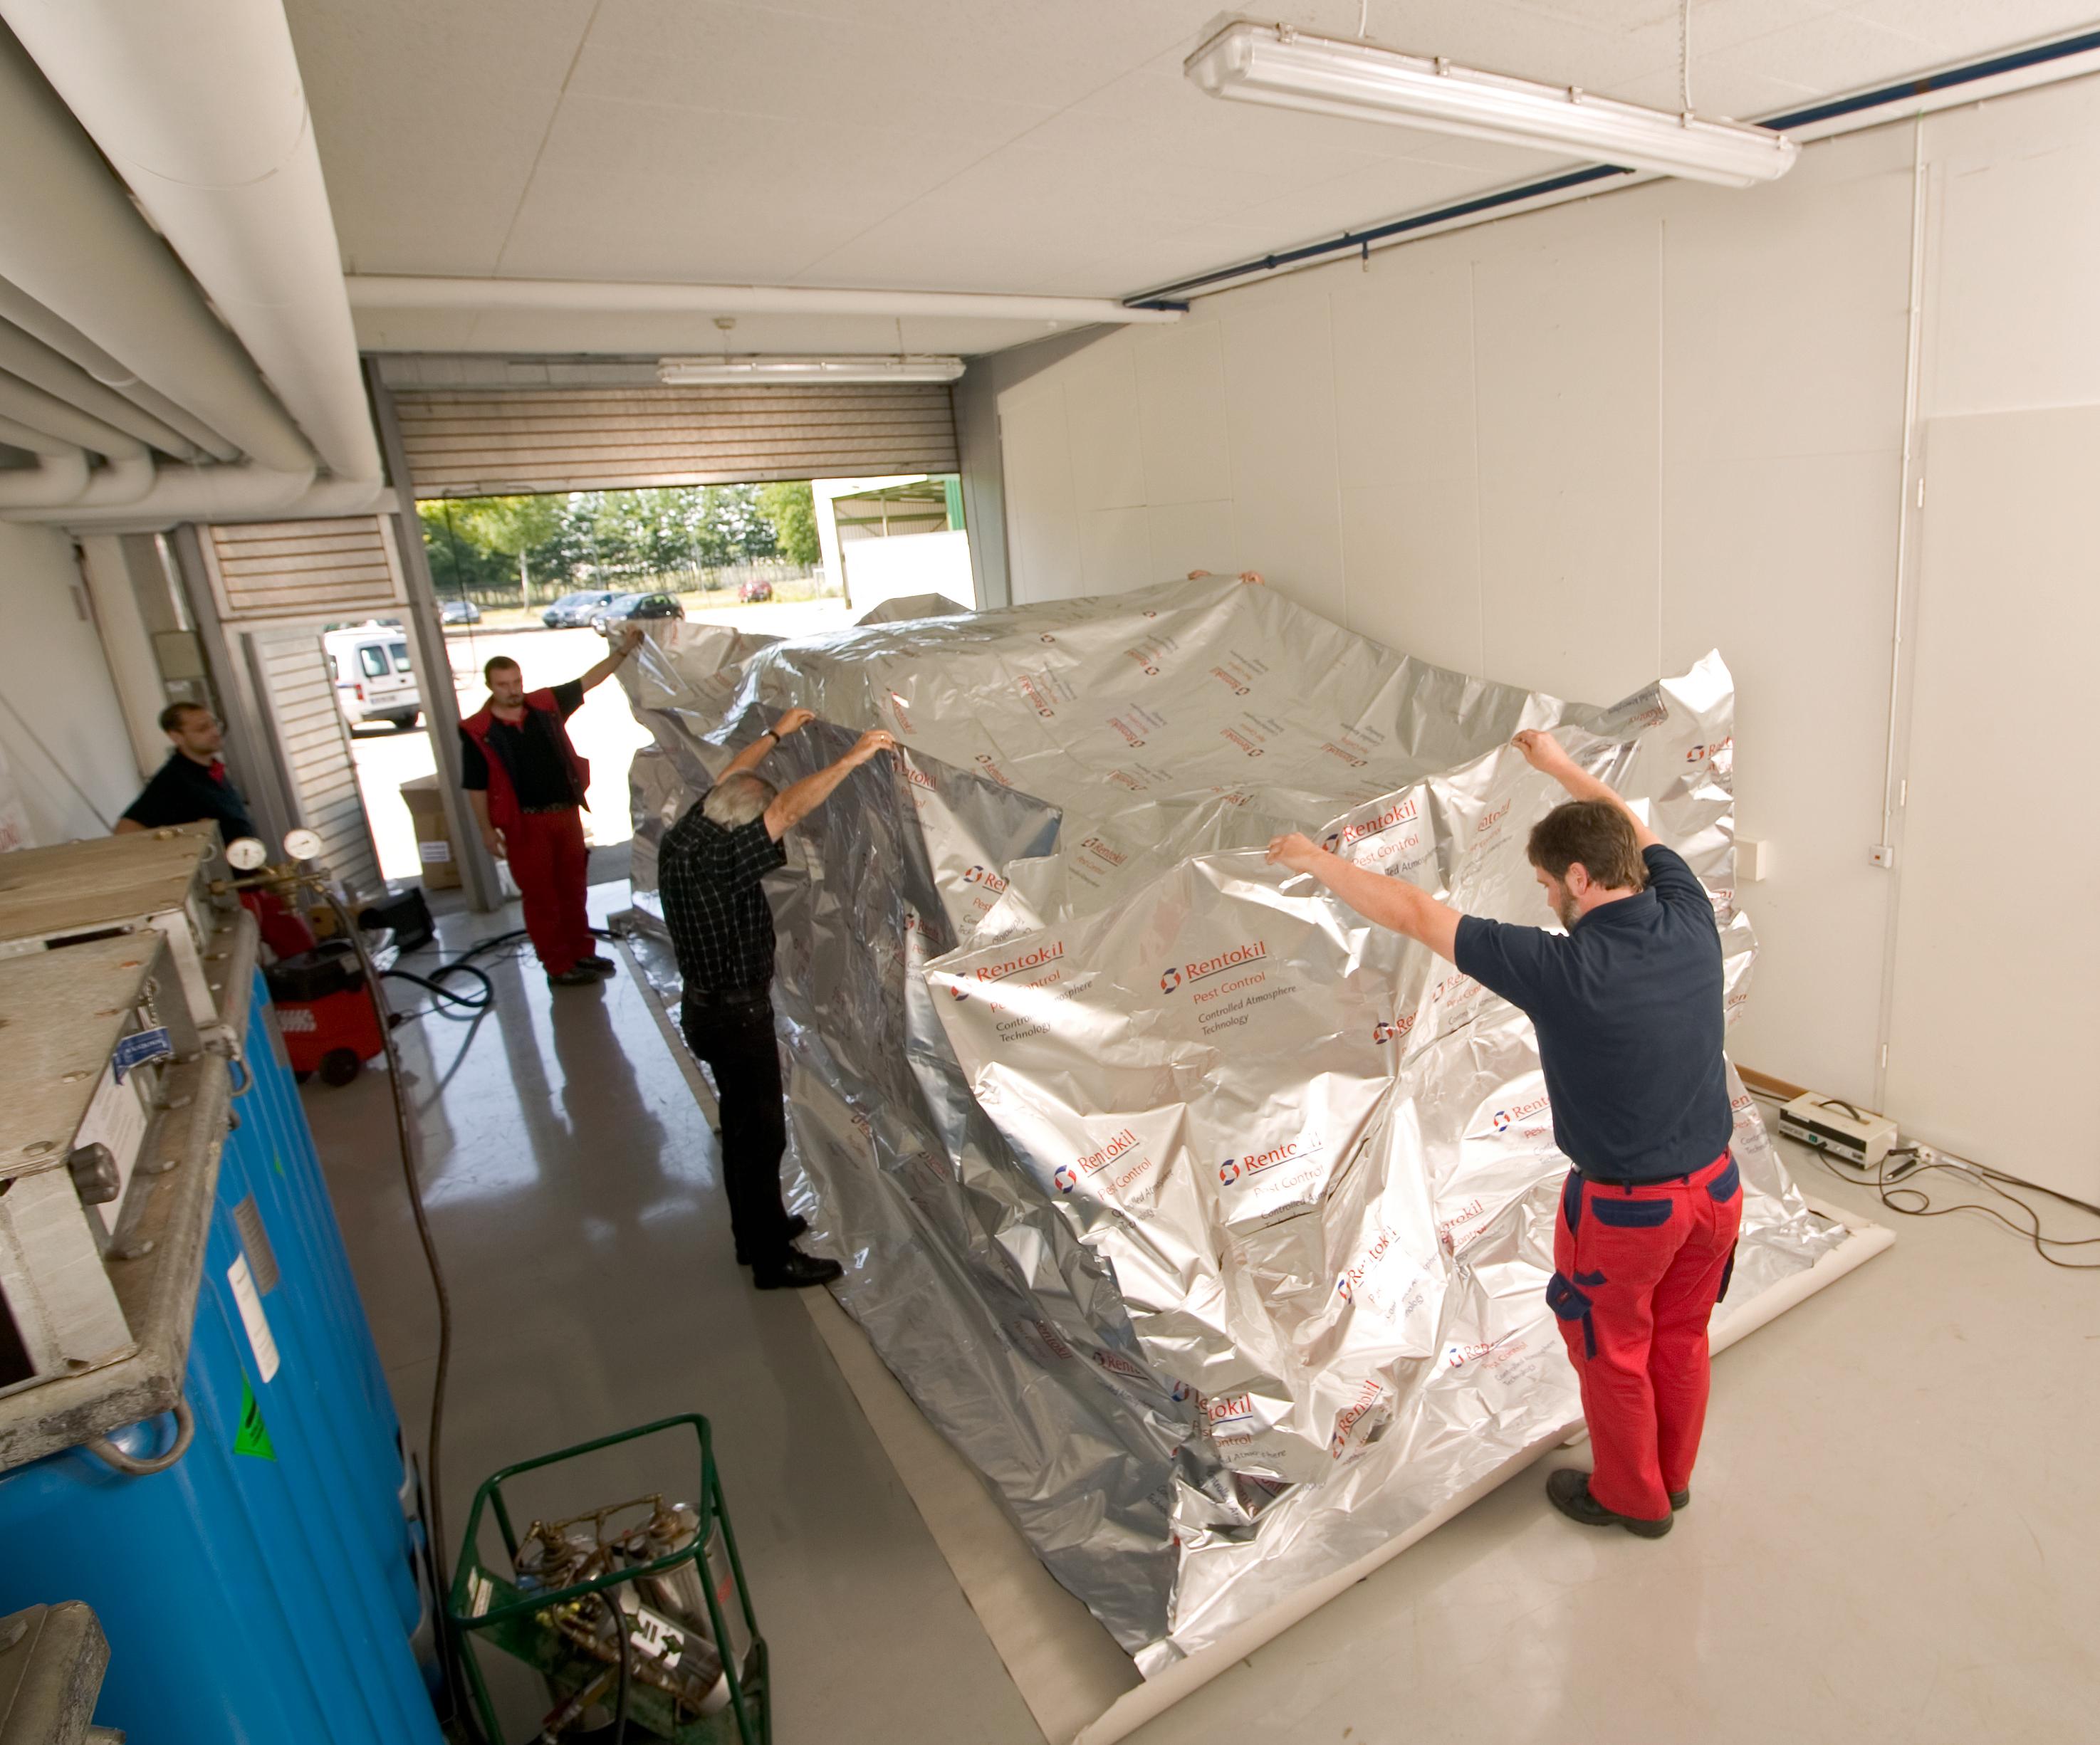 Die Firma Rentokil hat eine Biozid-Zulassung für den Einsatz von Stickstoff zur Bekämpfung diverser Schädlinge an Kulturgut. Danach werden nach erfolgter Schädlingsbestimmung und Analyse der Befallssituation durch Schädlingsexperten die befallenen Wertgegenstände in einen luftdicht verschlossenen Spezialfolienballon eingebracht. (Foto: Rentokil)